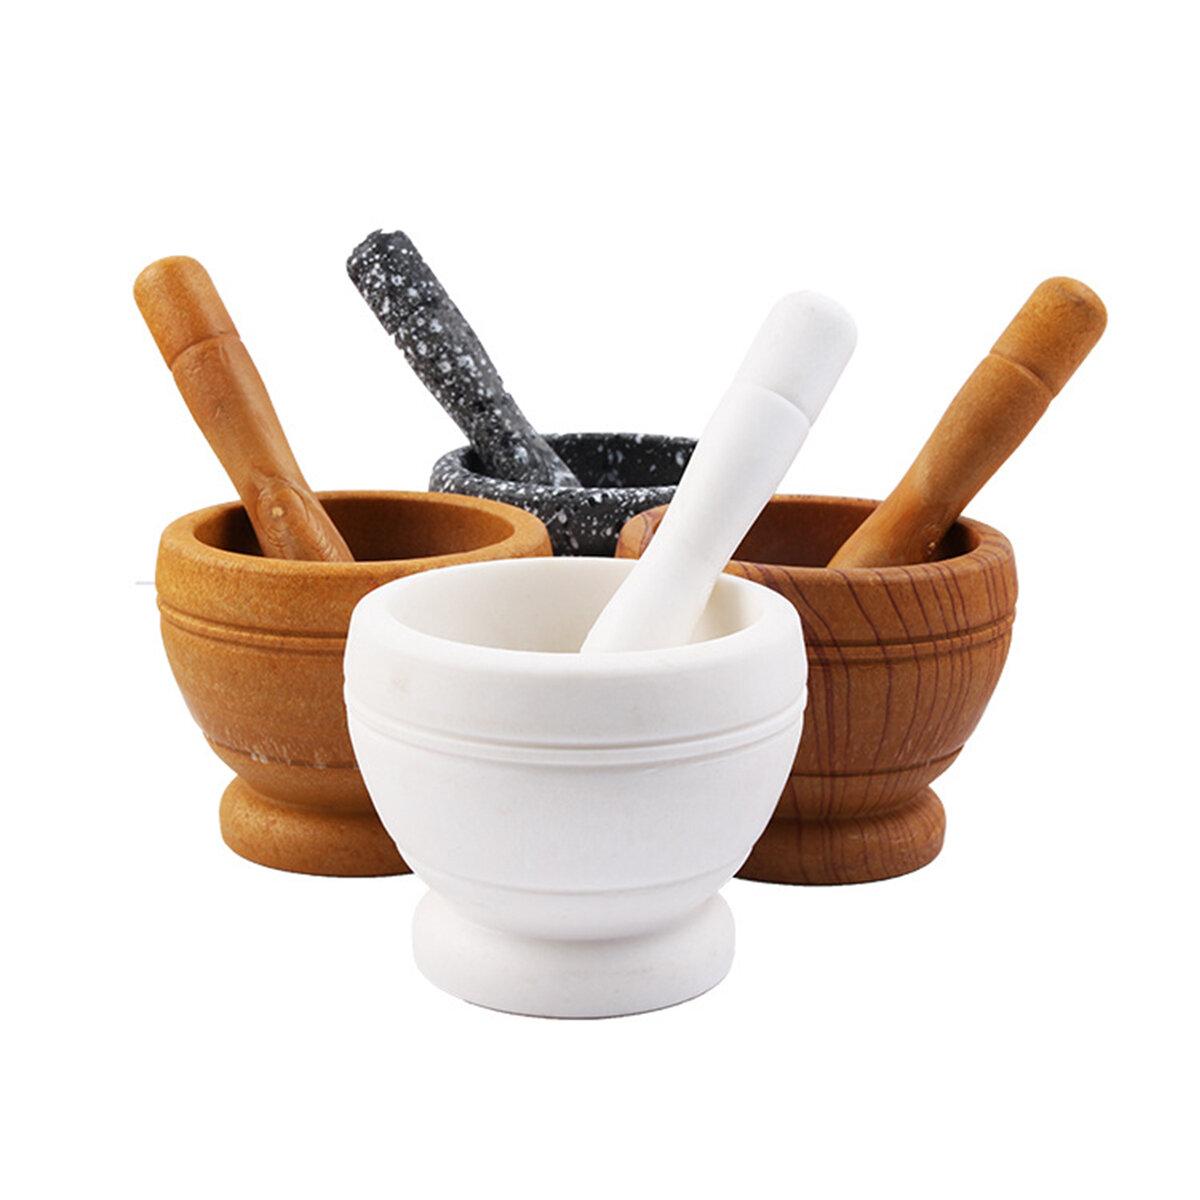 Mortar + Pestle Grinder Pounder Press Mincer Spice & HerbCrusher Pedestal Bowl Pepper Grinder, Banggood  - buy with discount